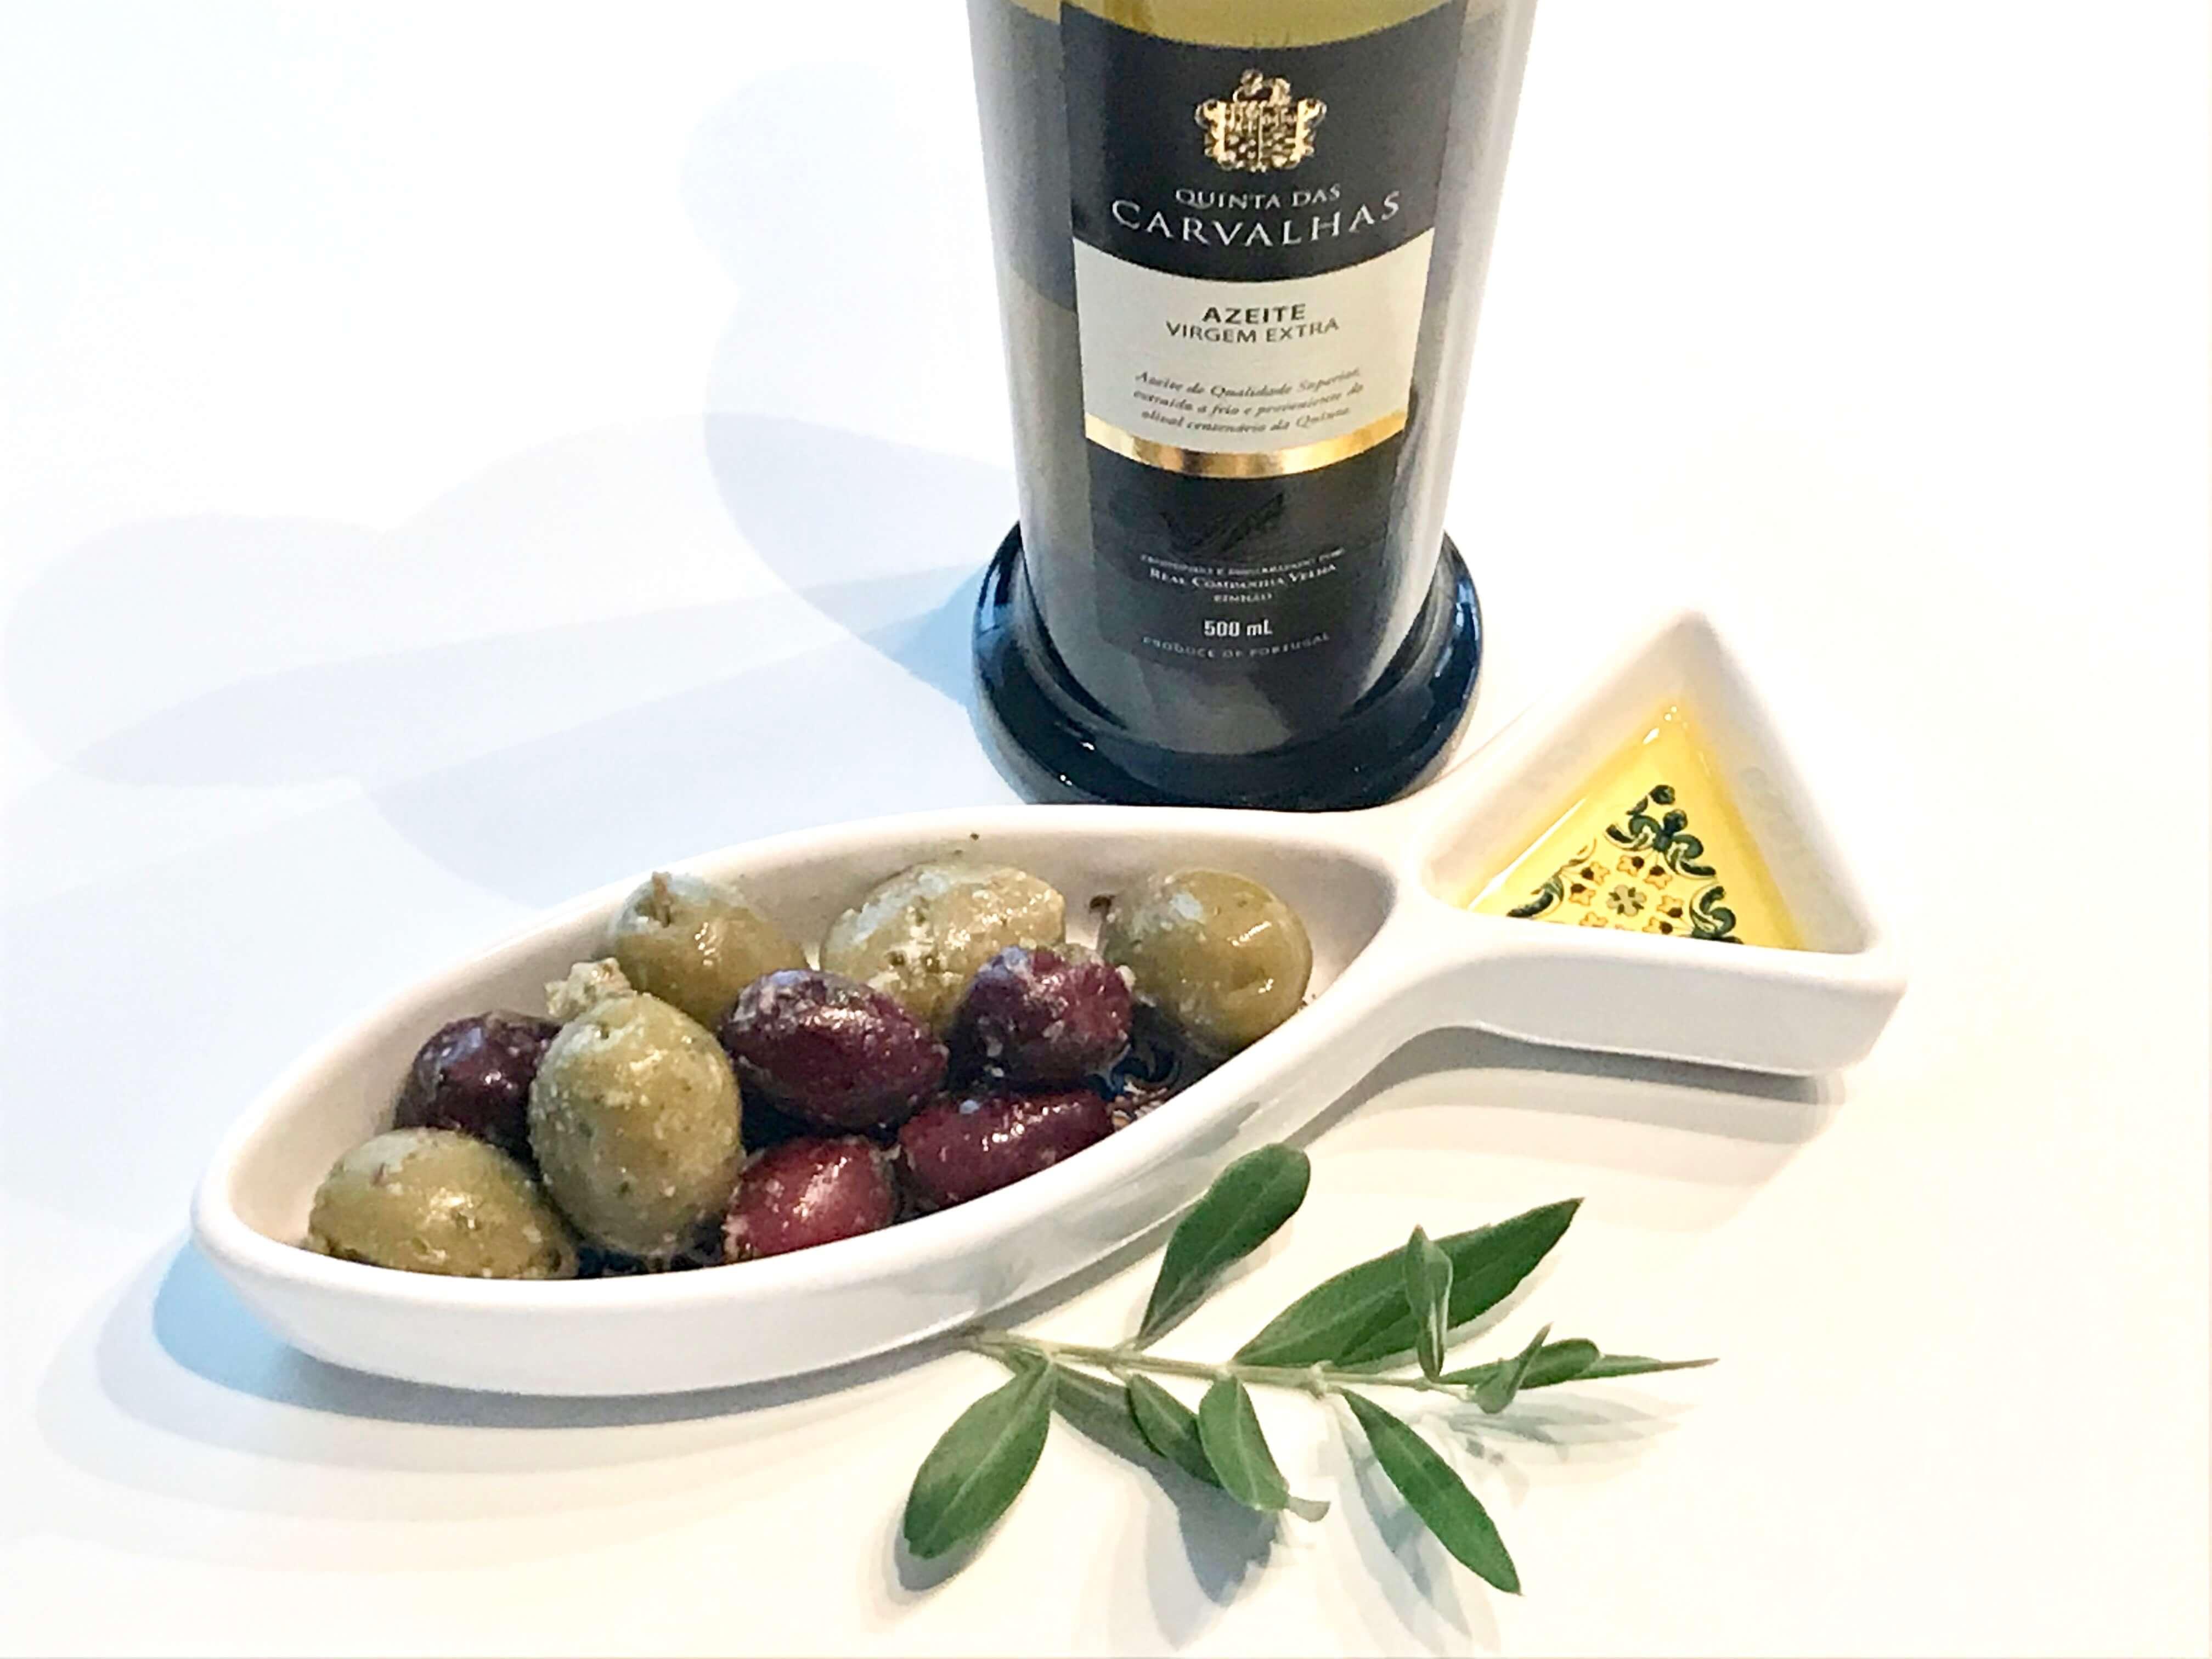 Olivenöl aus Portugal für eine gesundheitsbewusste Ernährung